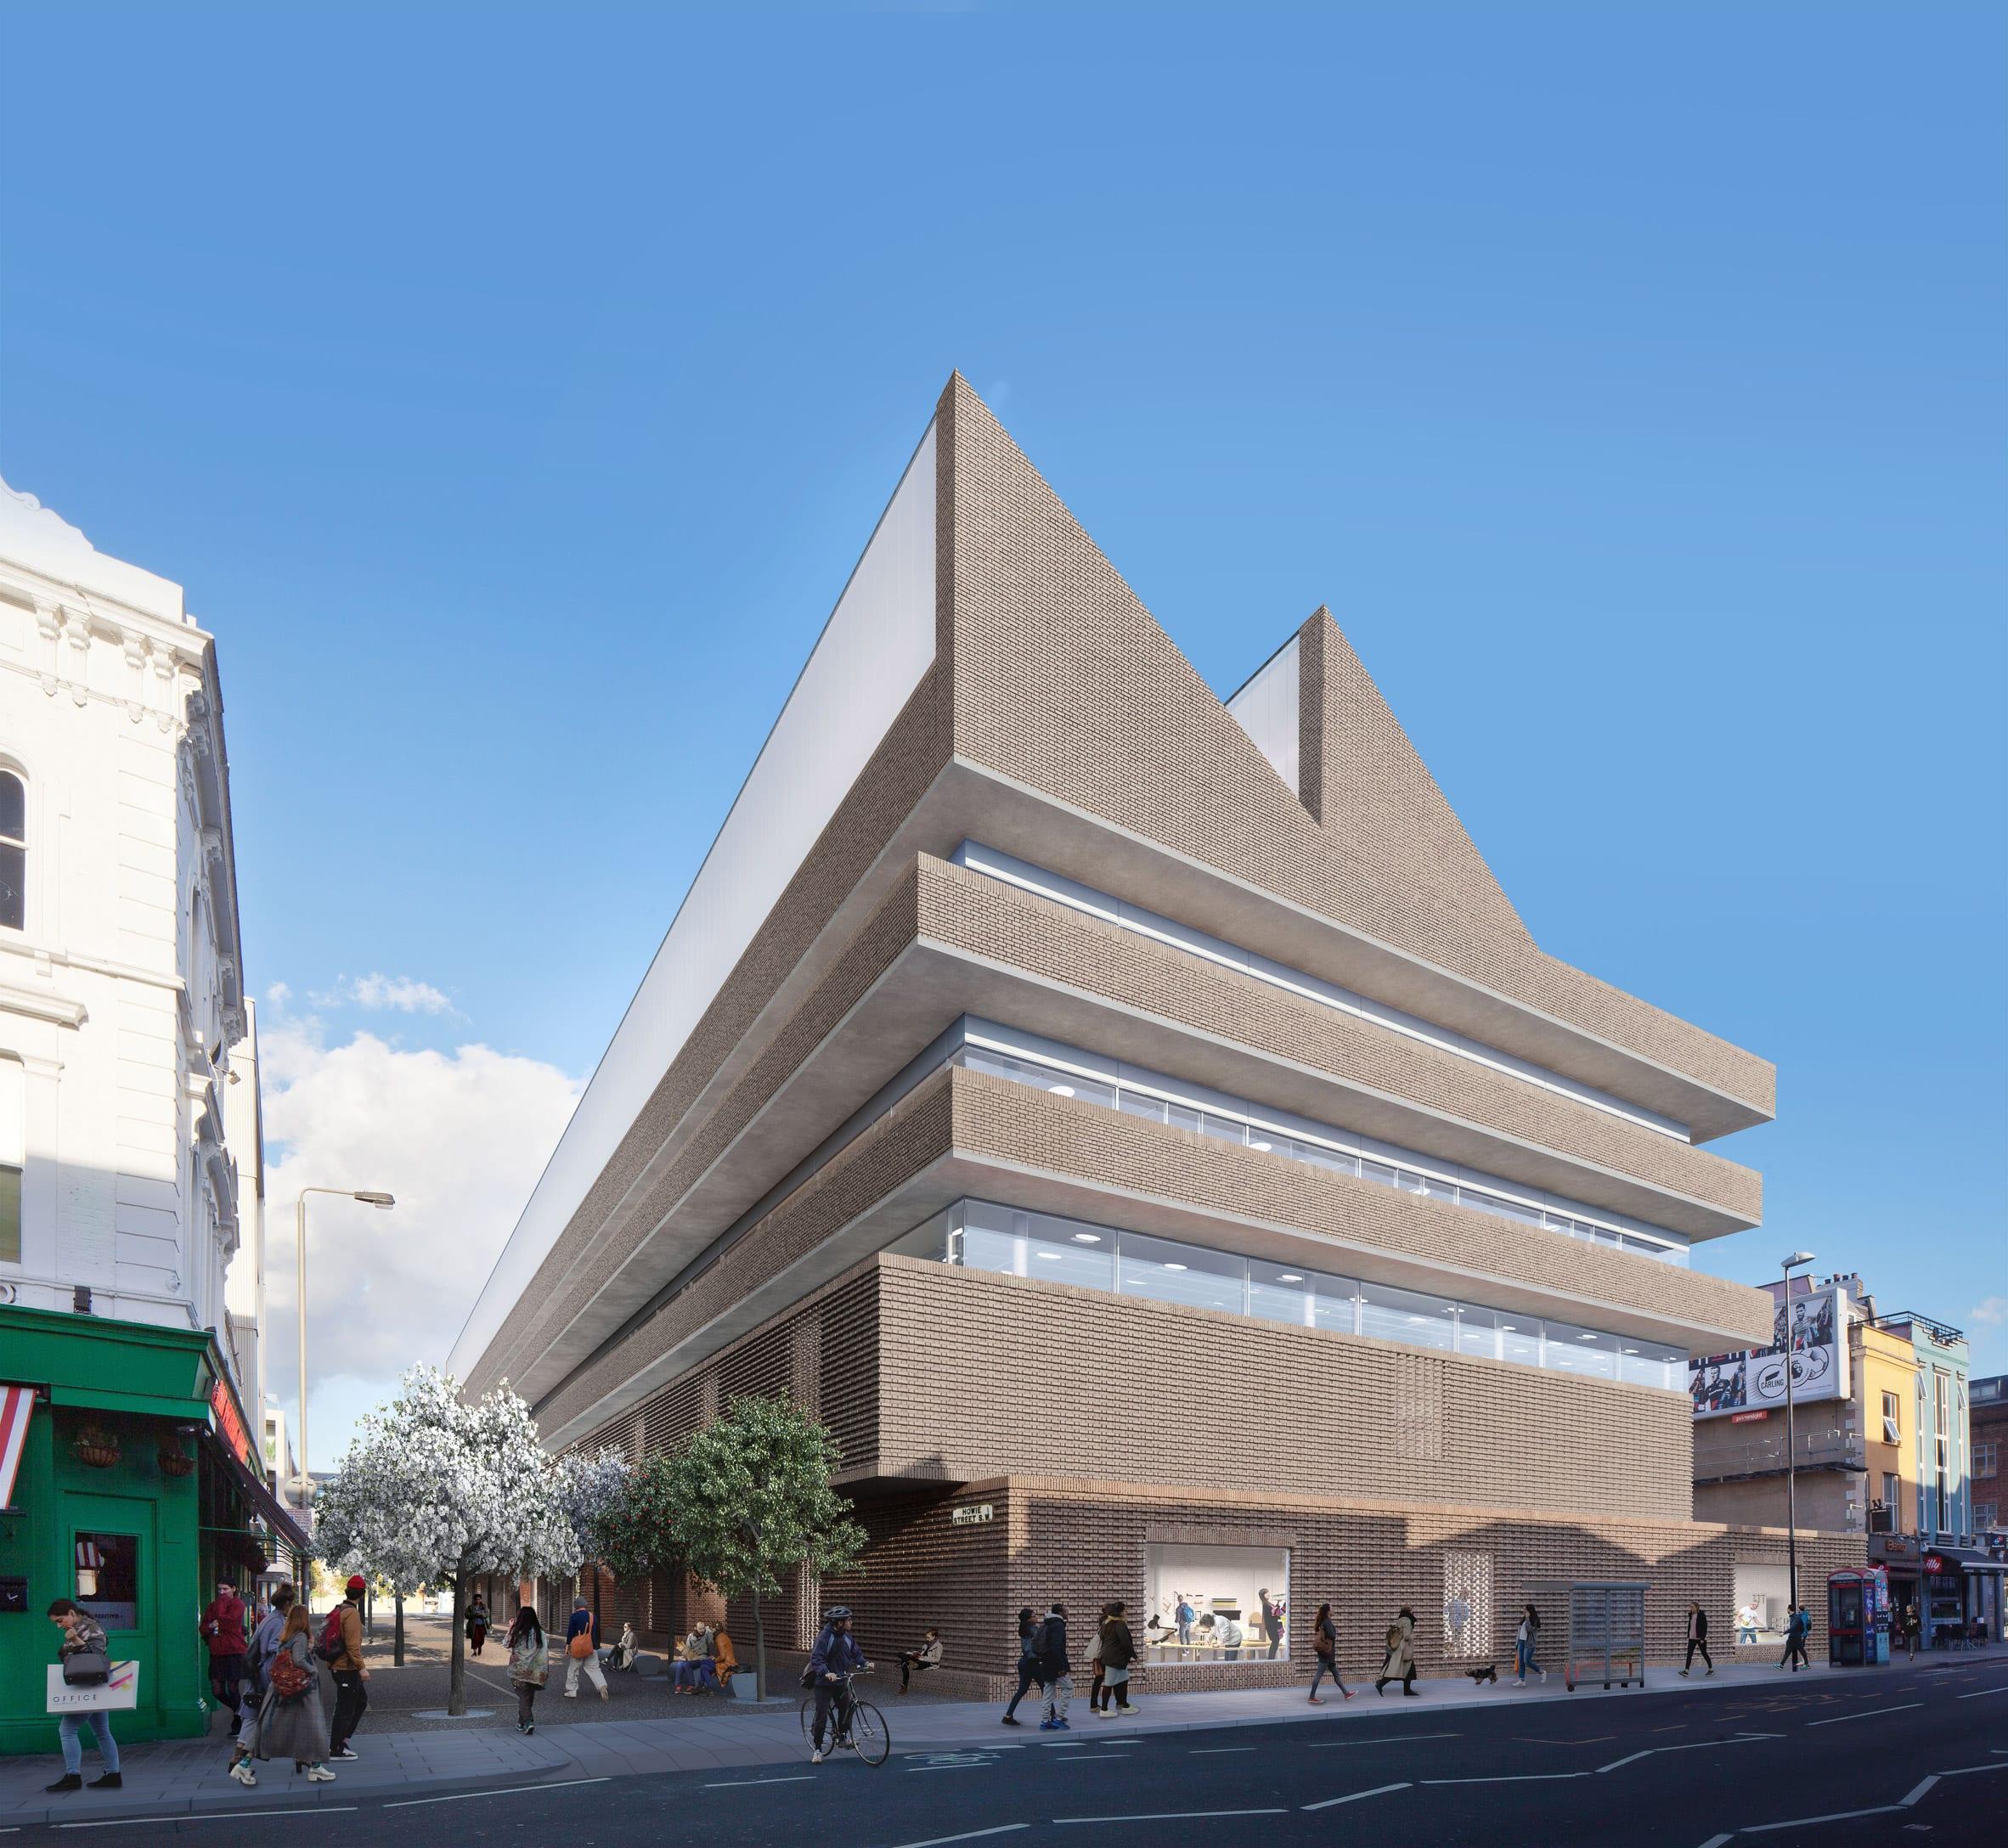 Herzog & de Meuron reveals design for new £108 million RCA campus